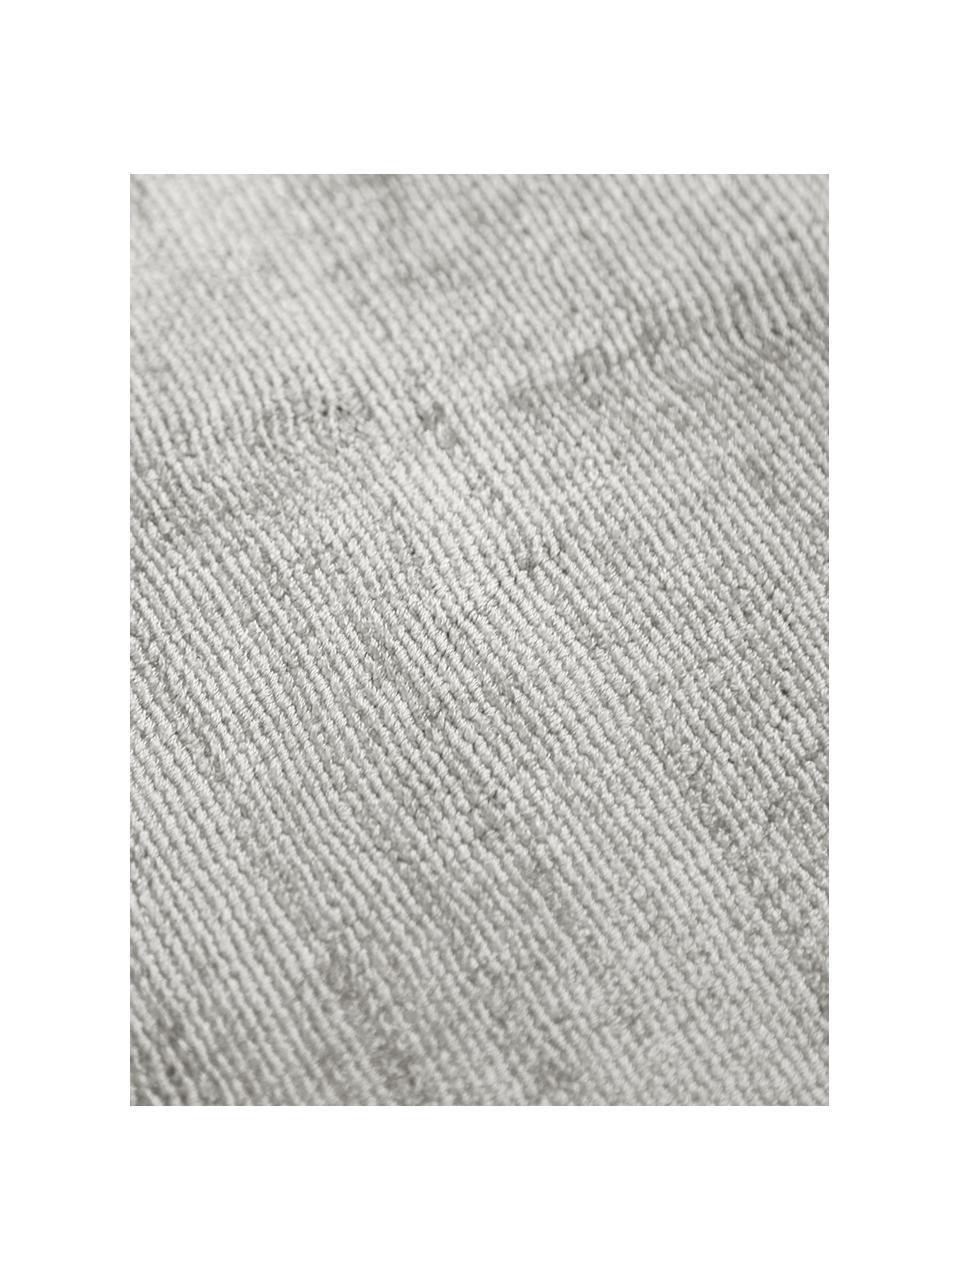 Handgeweven viscose vloerkleed Jane in lichtgrijs-beige, Bovenzijde: 100% viscose, Onderzijde: 100% katoen, Lichtgrijs-beige, B 400 x L 500 cm (maat XXL)